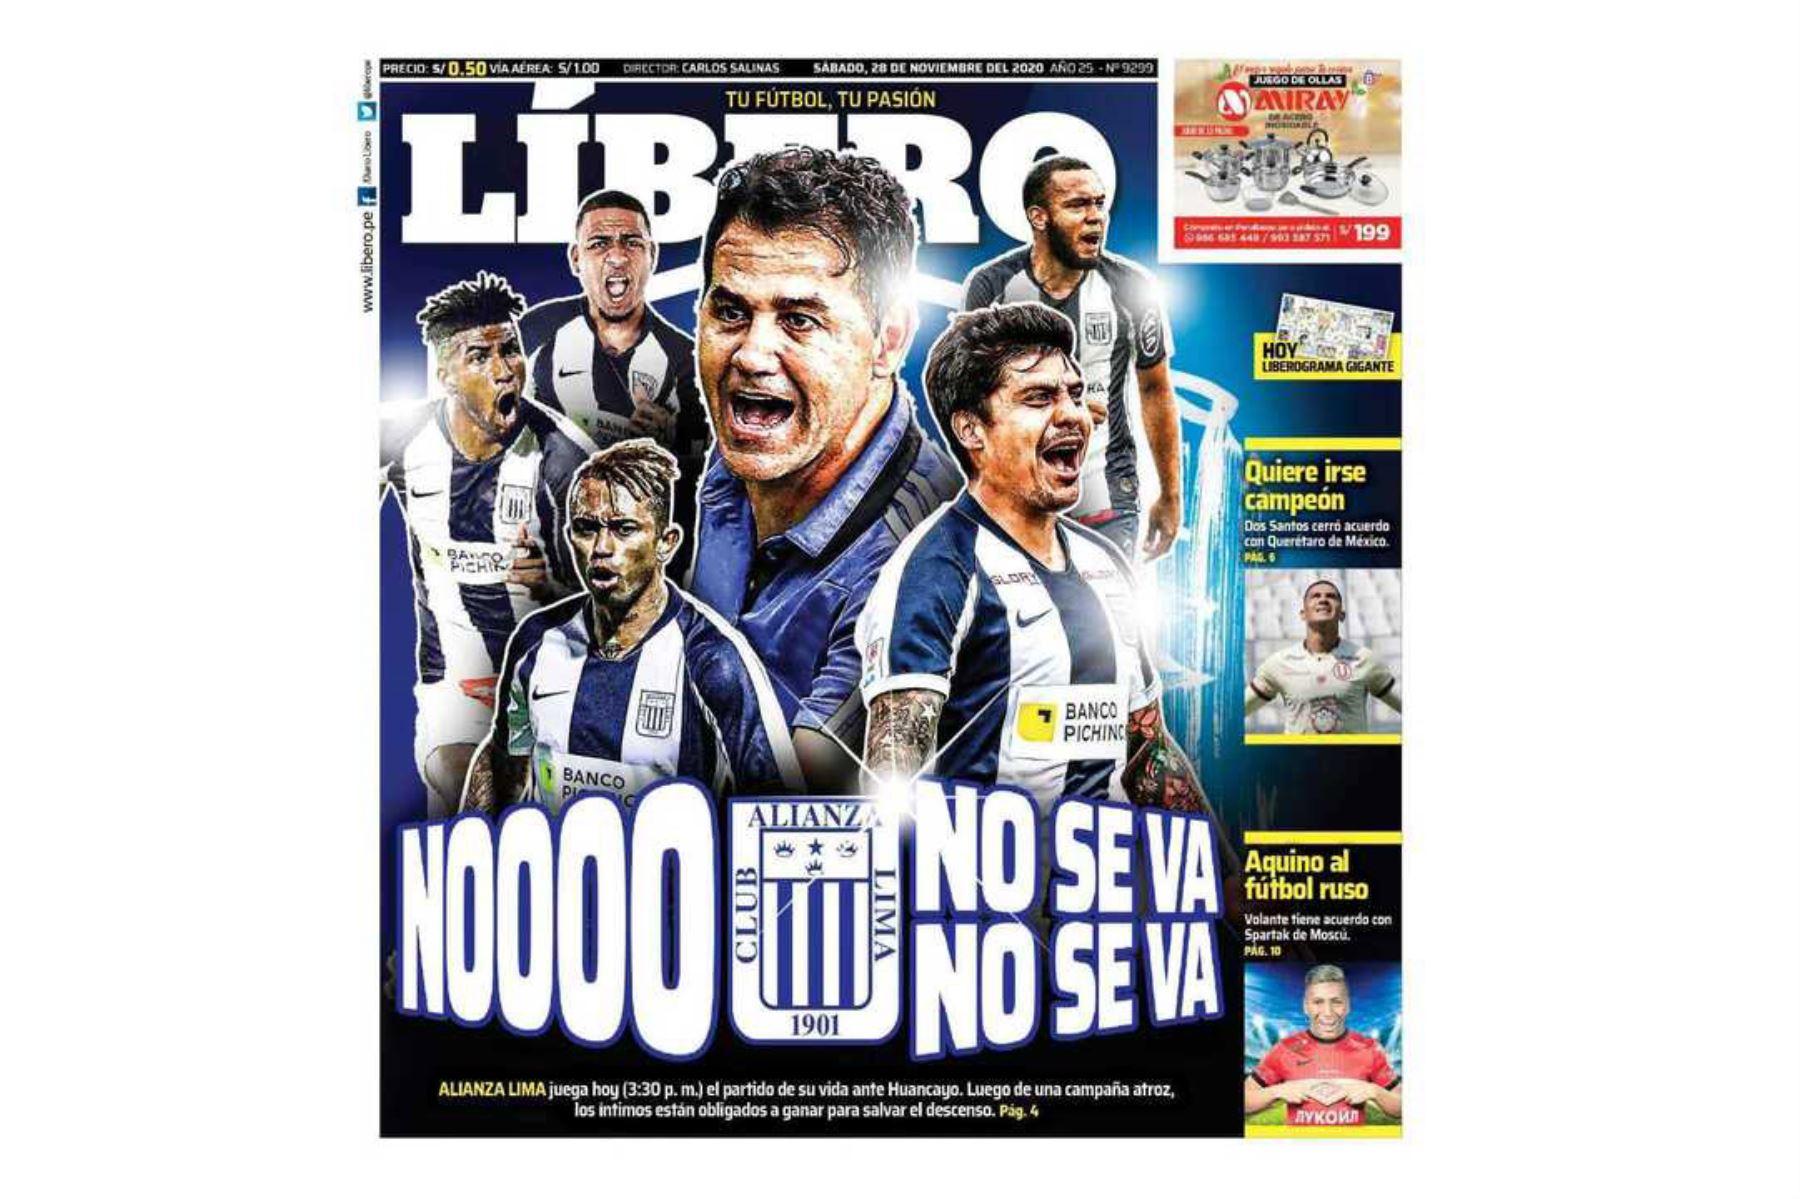 Así informaron algunos medios el descenso de Alianza Lima a la Segunda División. Líbero. Foto: Difusión